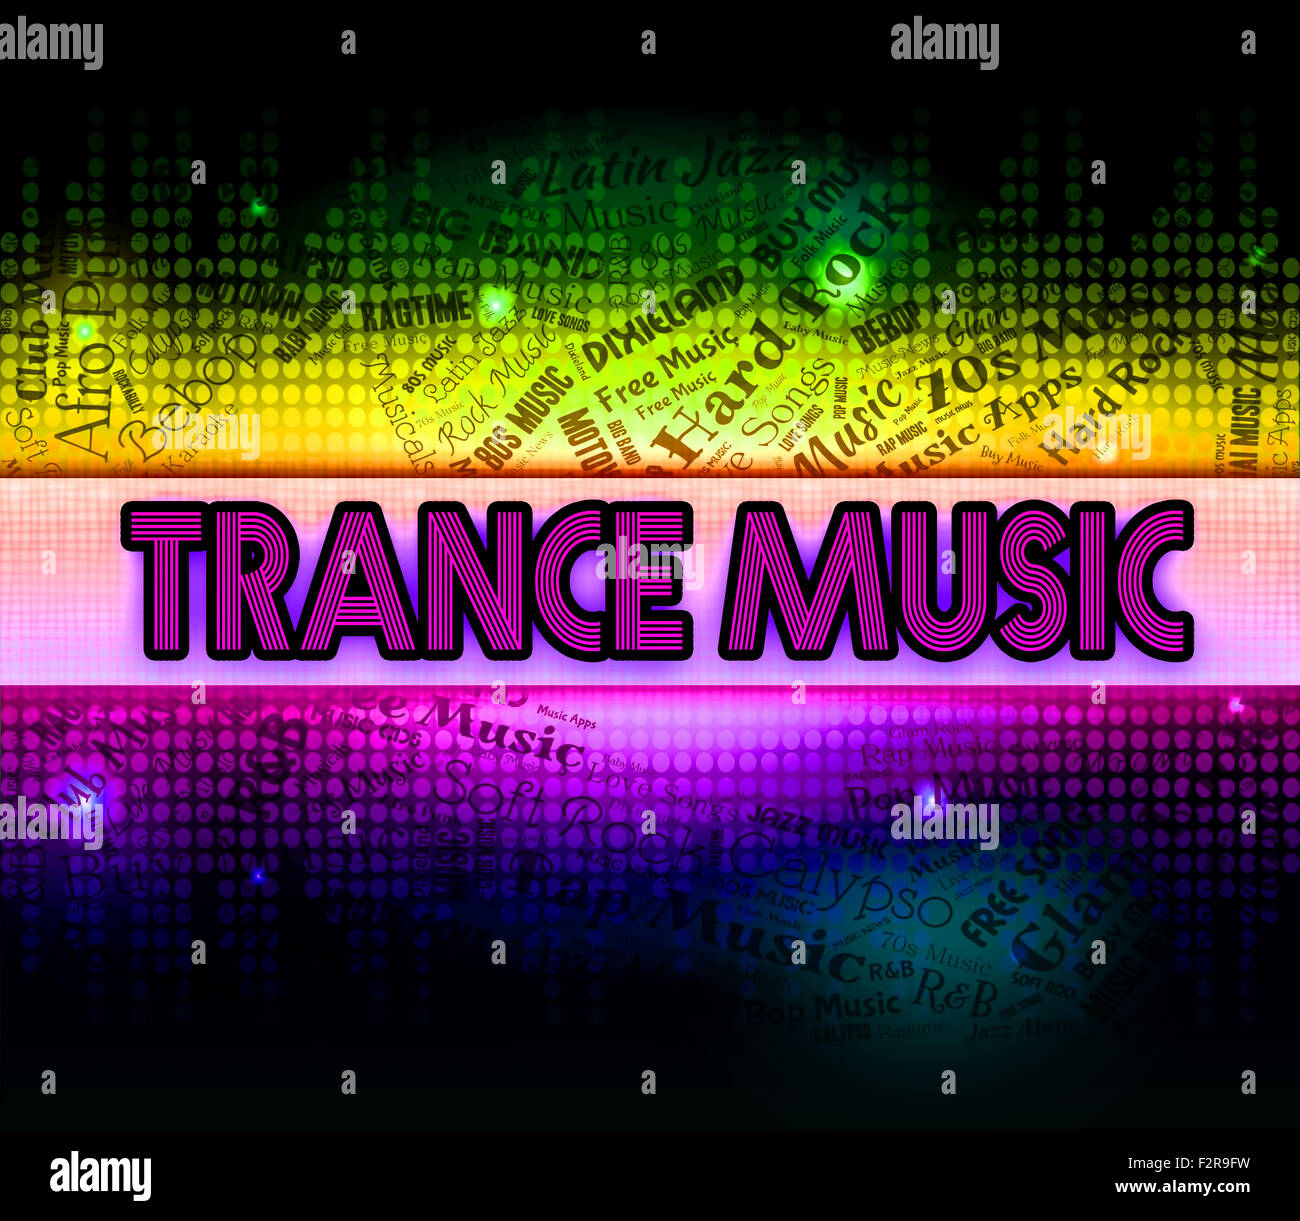 La musica trance significato tracce audio e colonna sonora